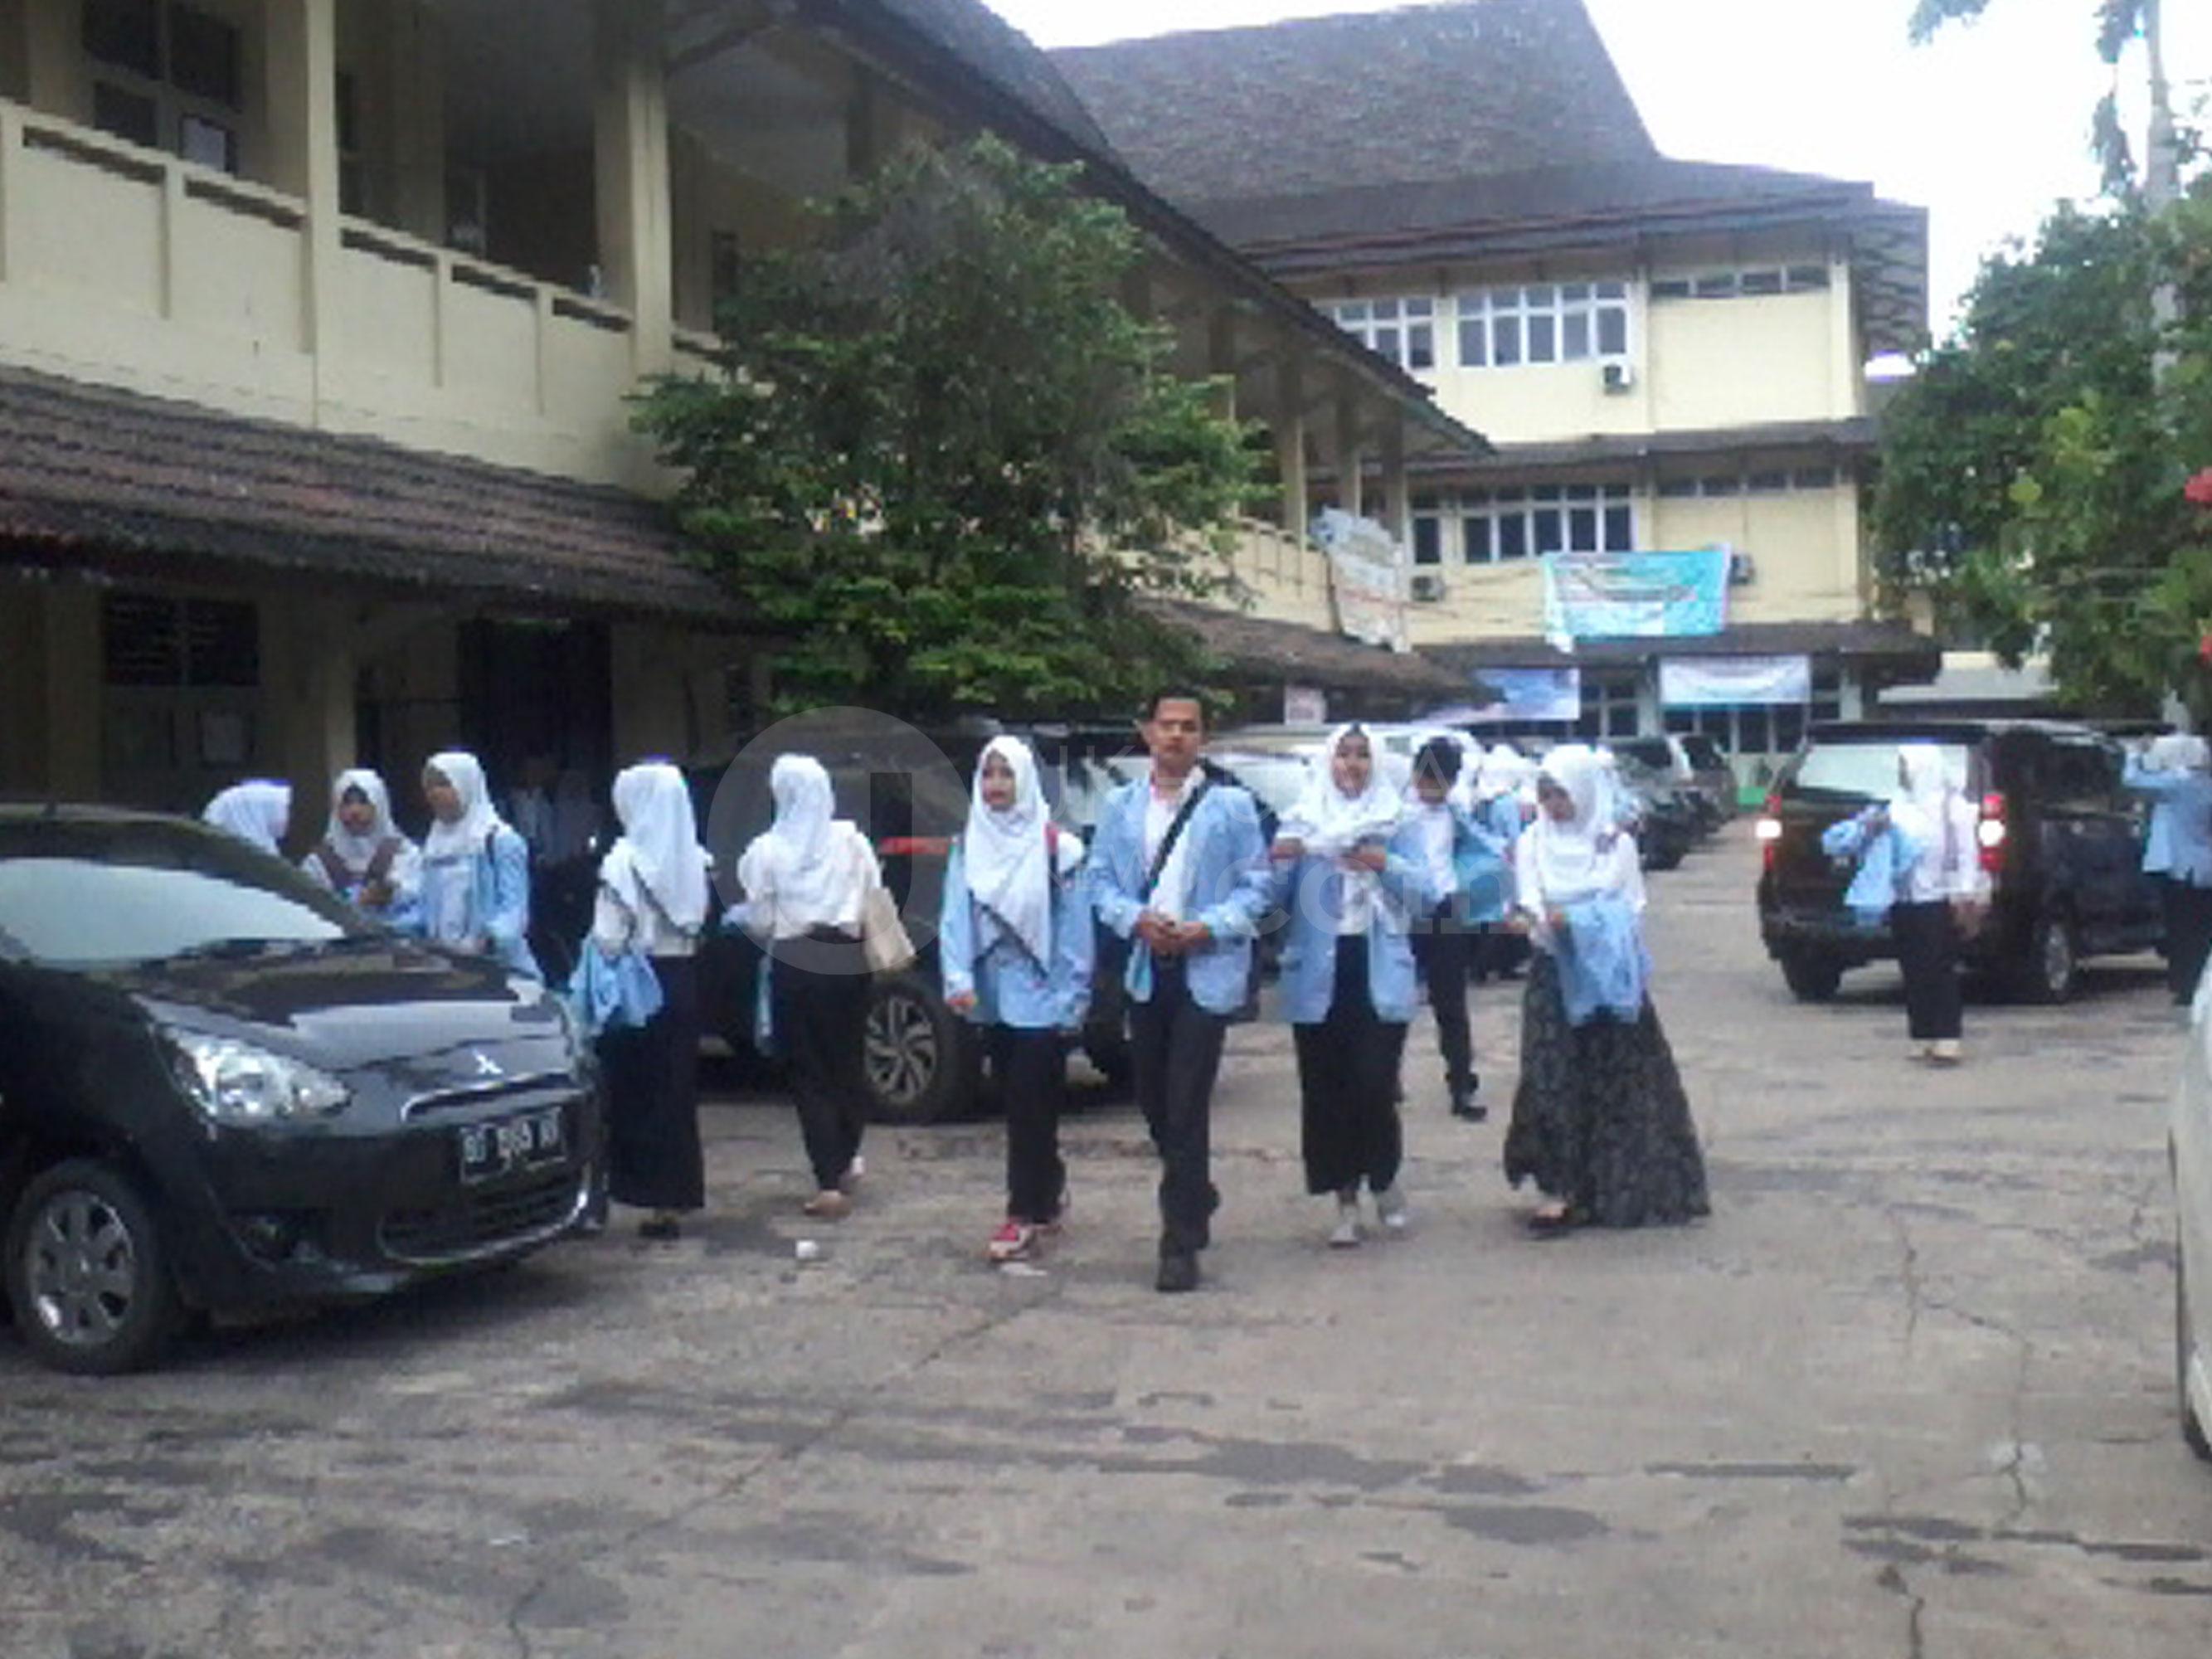 Sejumlah Mahasiswa Fakultas Syariah Universitas Islam Negeri Raden Fatah (UIN RF) Palembang yang mengikuti Pendidikan dan Latihan Kemahiran Hukum (PLKH) sedang bersiap melakukan agenda kunjungan empat pengadilan di kota Palembang, Selasa (14/2).